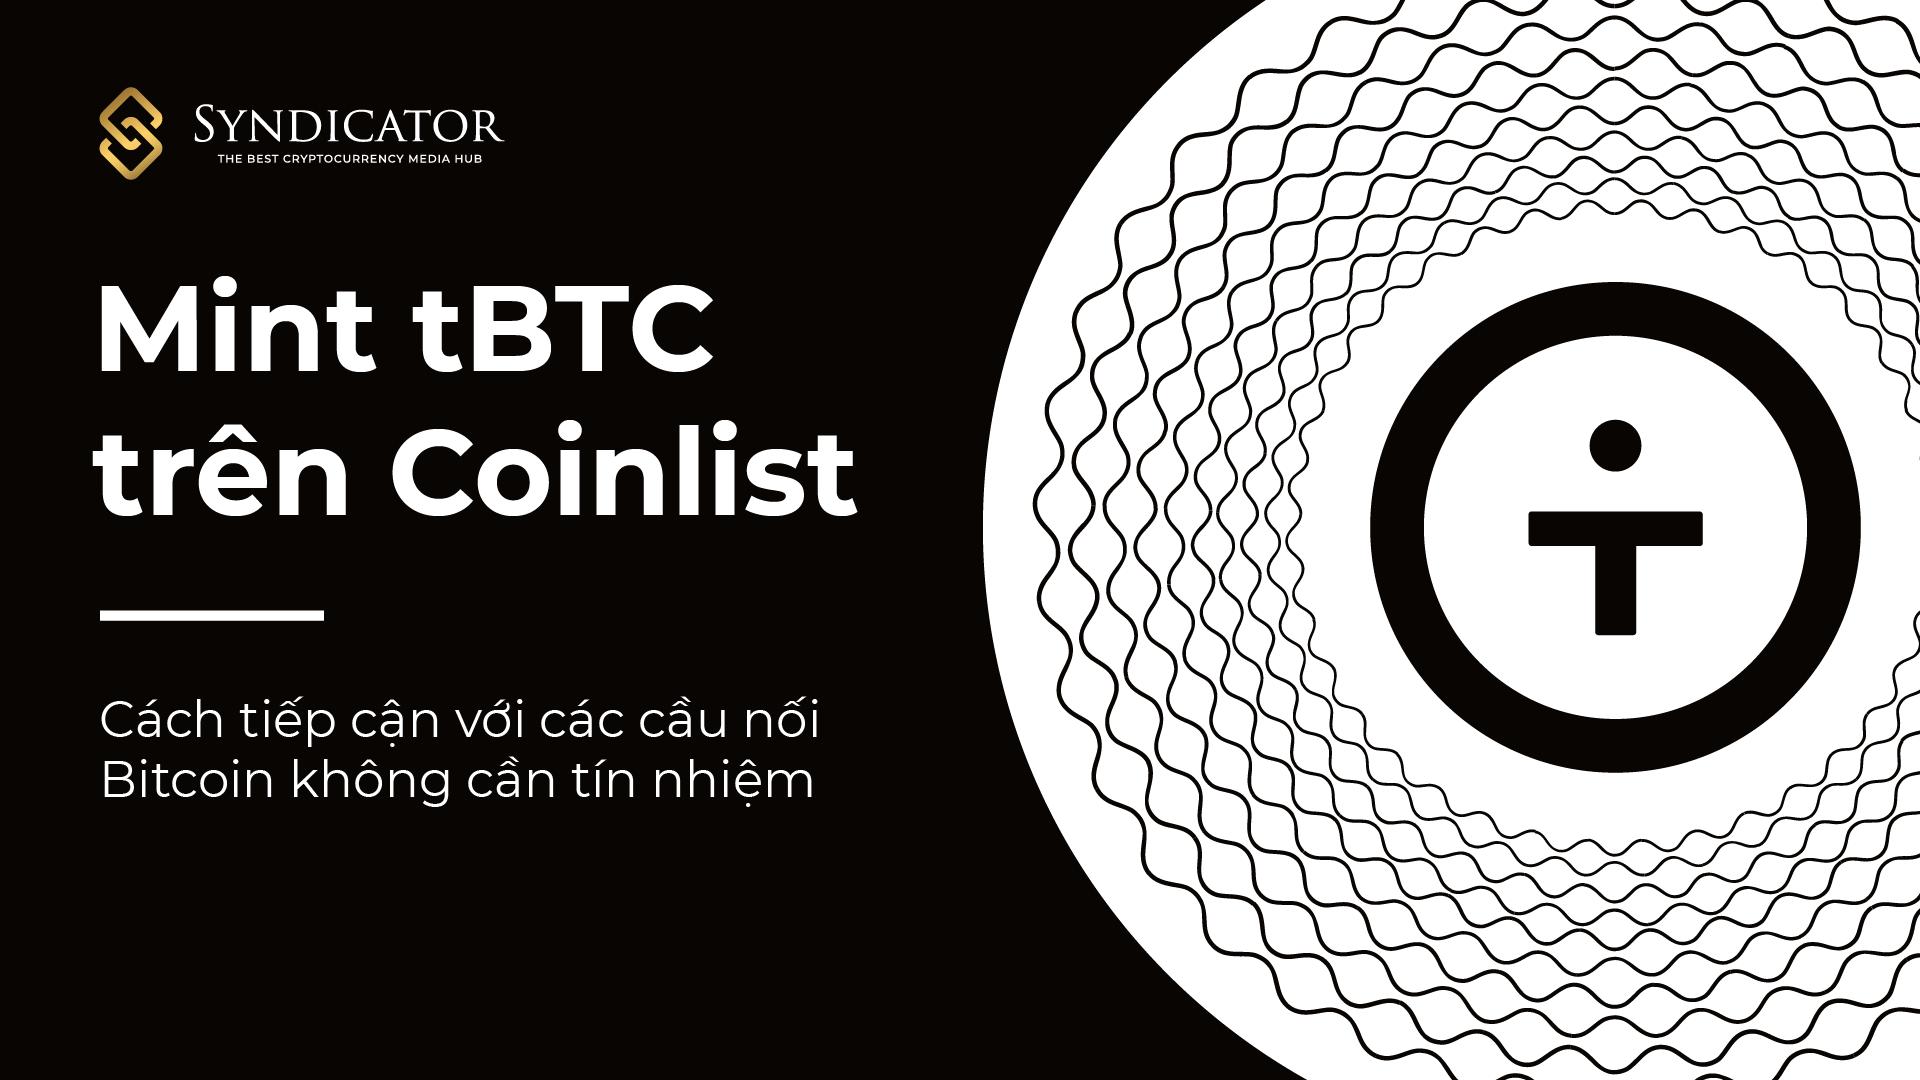 Tạo tBTC (cầu nối BTC trên mạng Ethereum) trực tiếp trên Coinlist